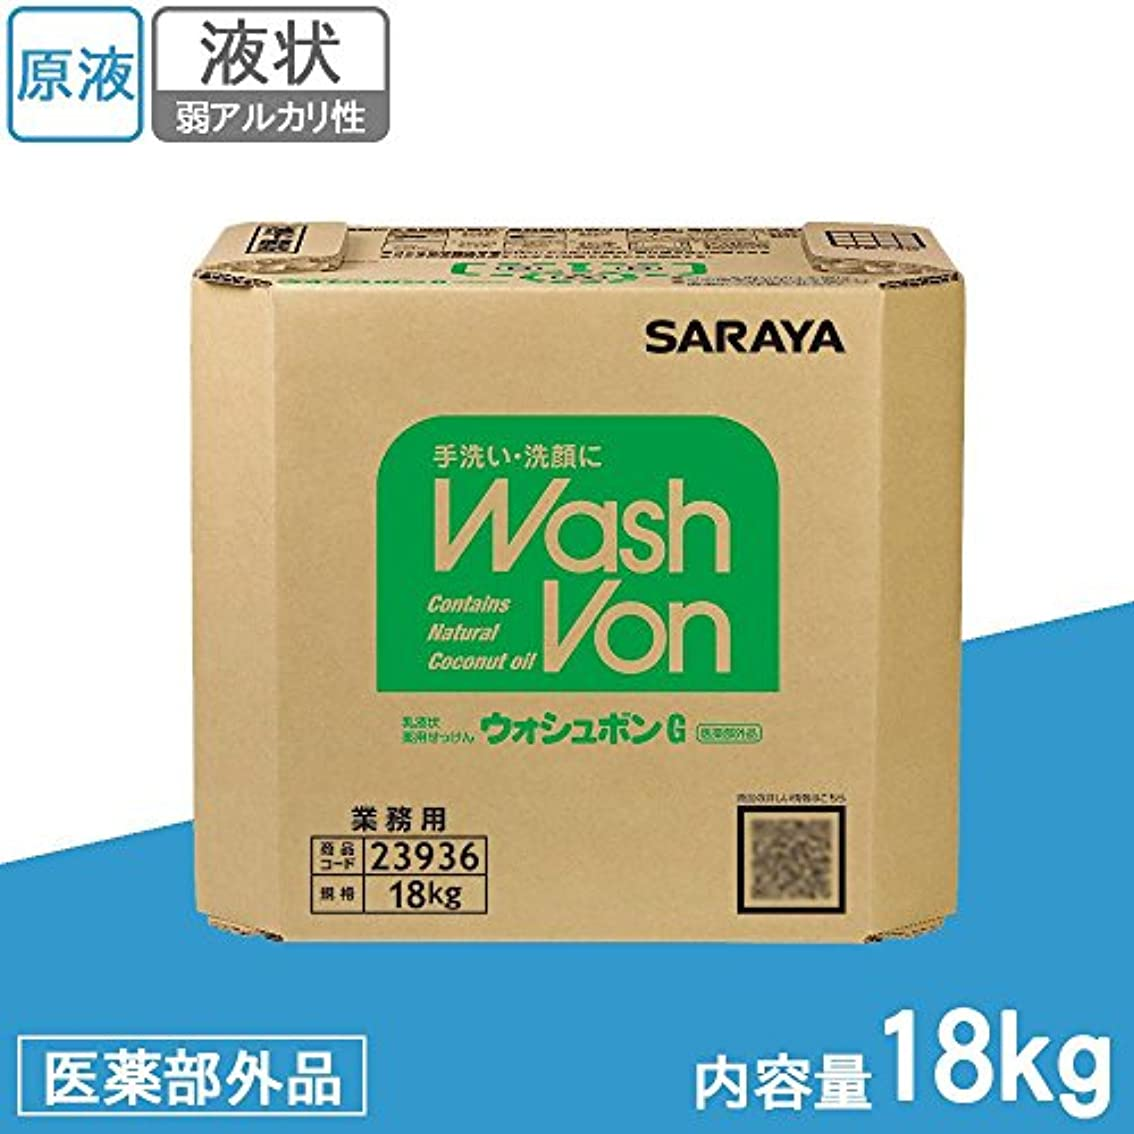 アミューズメント告白する慣性サラヤ 業務用 乳液状薬用せっけん ウォシュボンG 18kg BIB 23936 (医薬部外品)